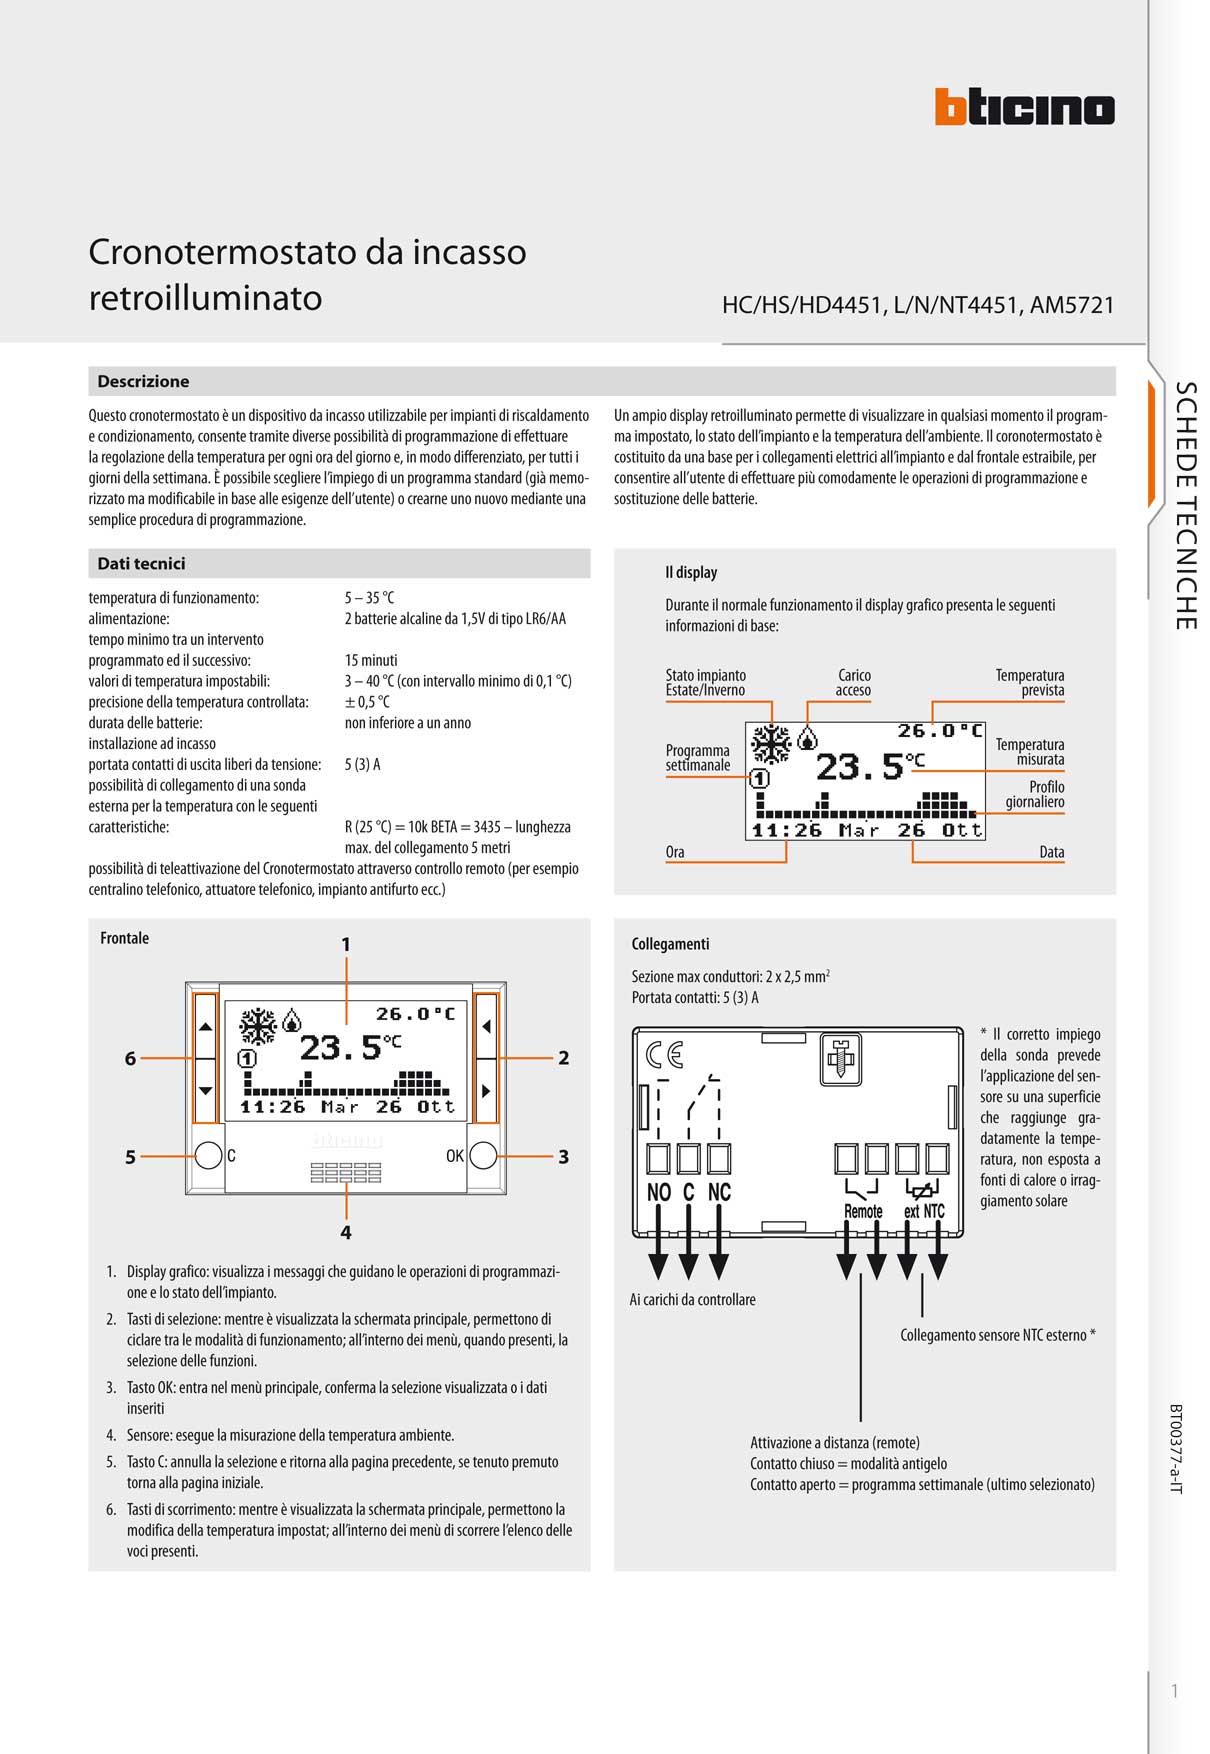 Bti matix cronotermostato cromo ad incasso for Cronotermostato vimar 01910 manuale istruzioni